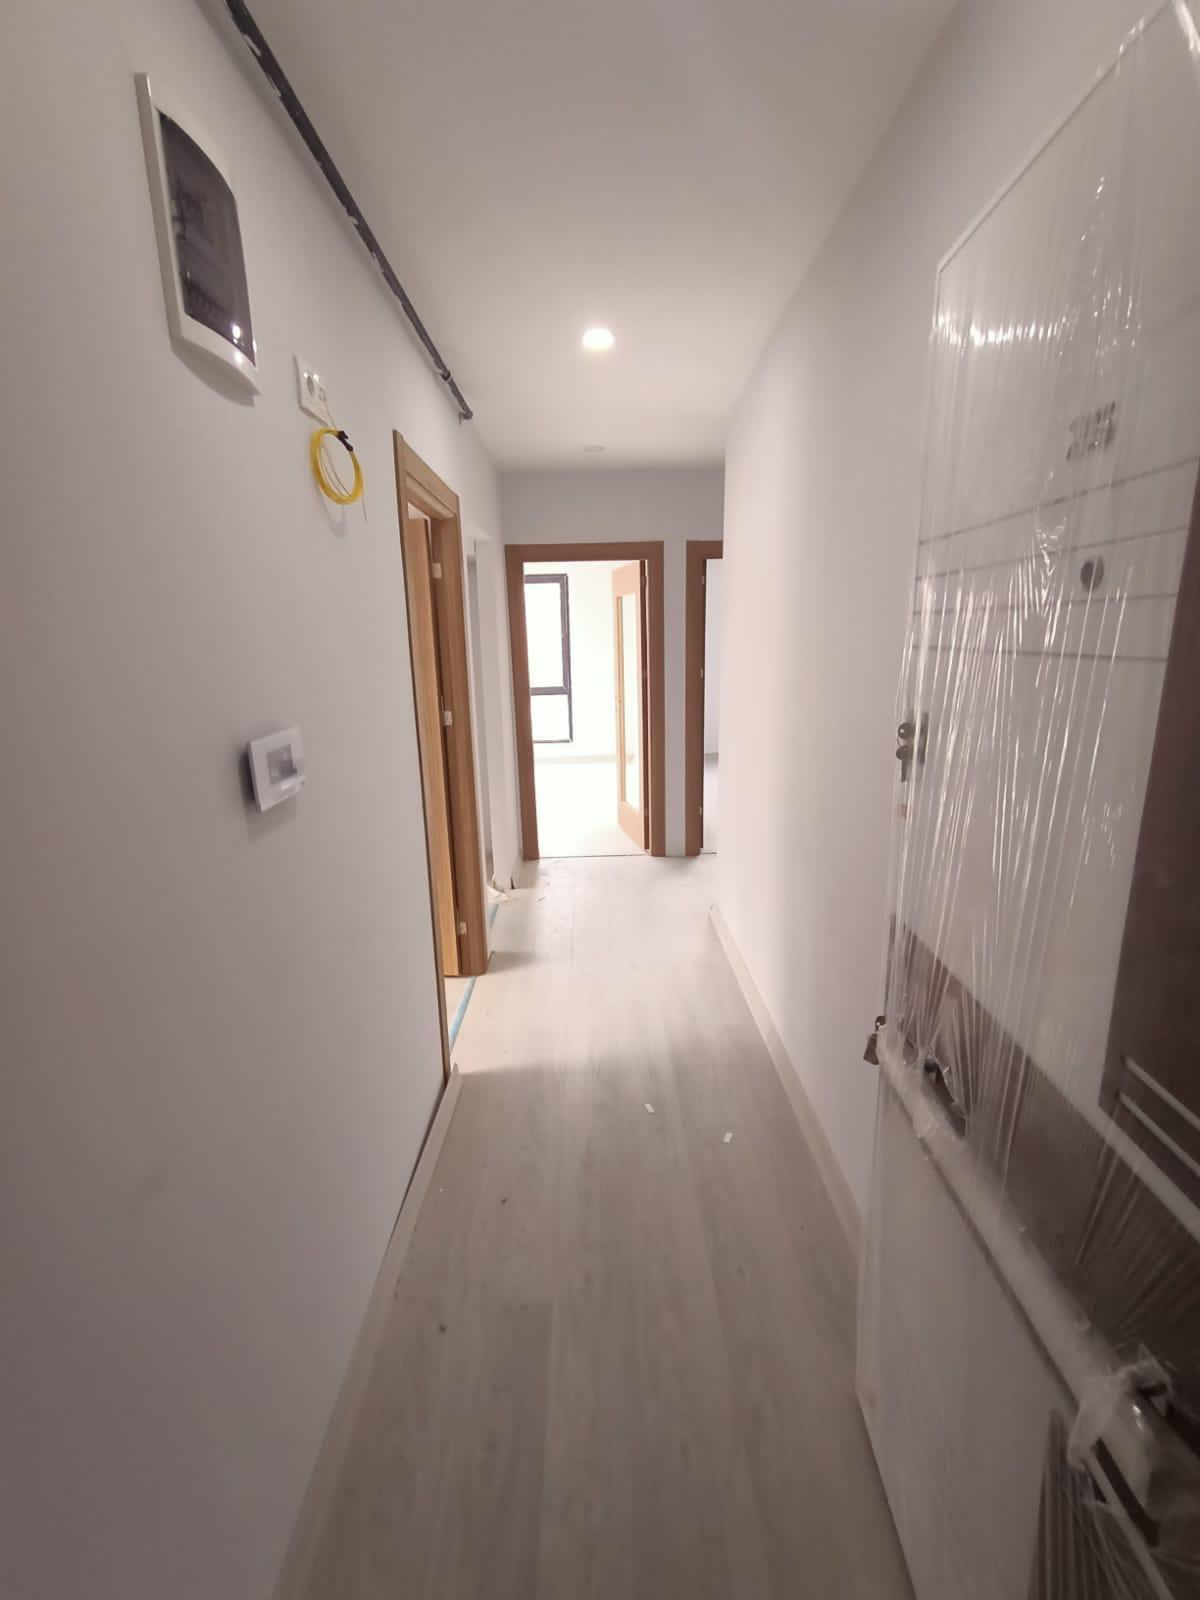 شقة 2+1 في شيشلي